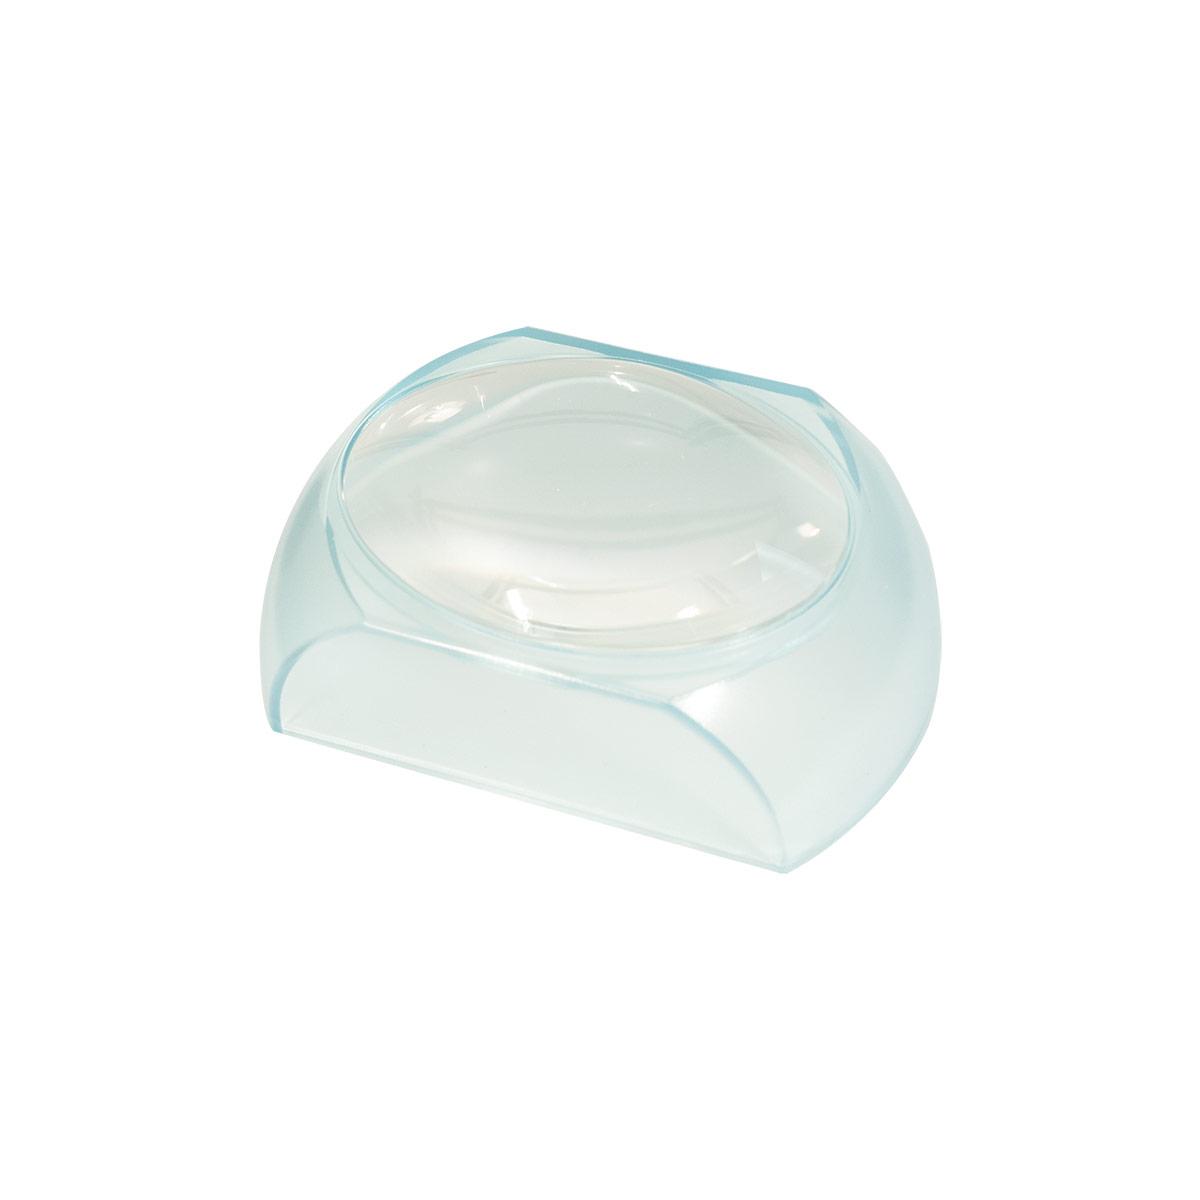 Reizen Oval Shape Bright Dome Magnifier - 5X